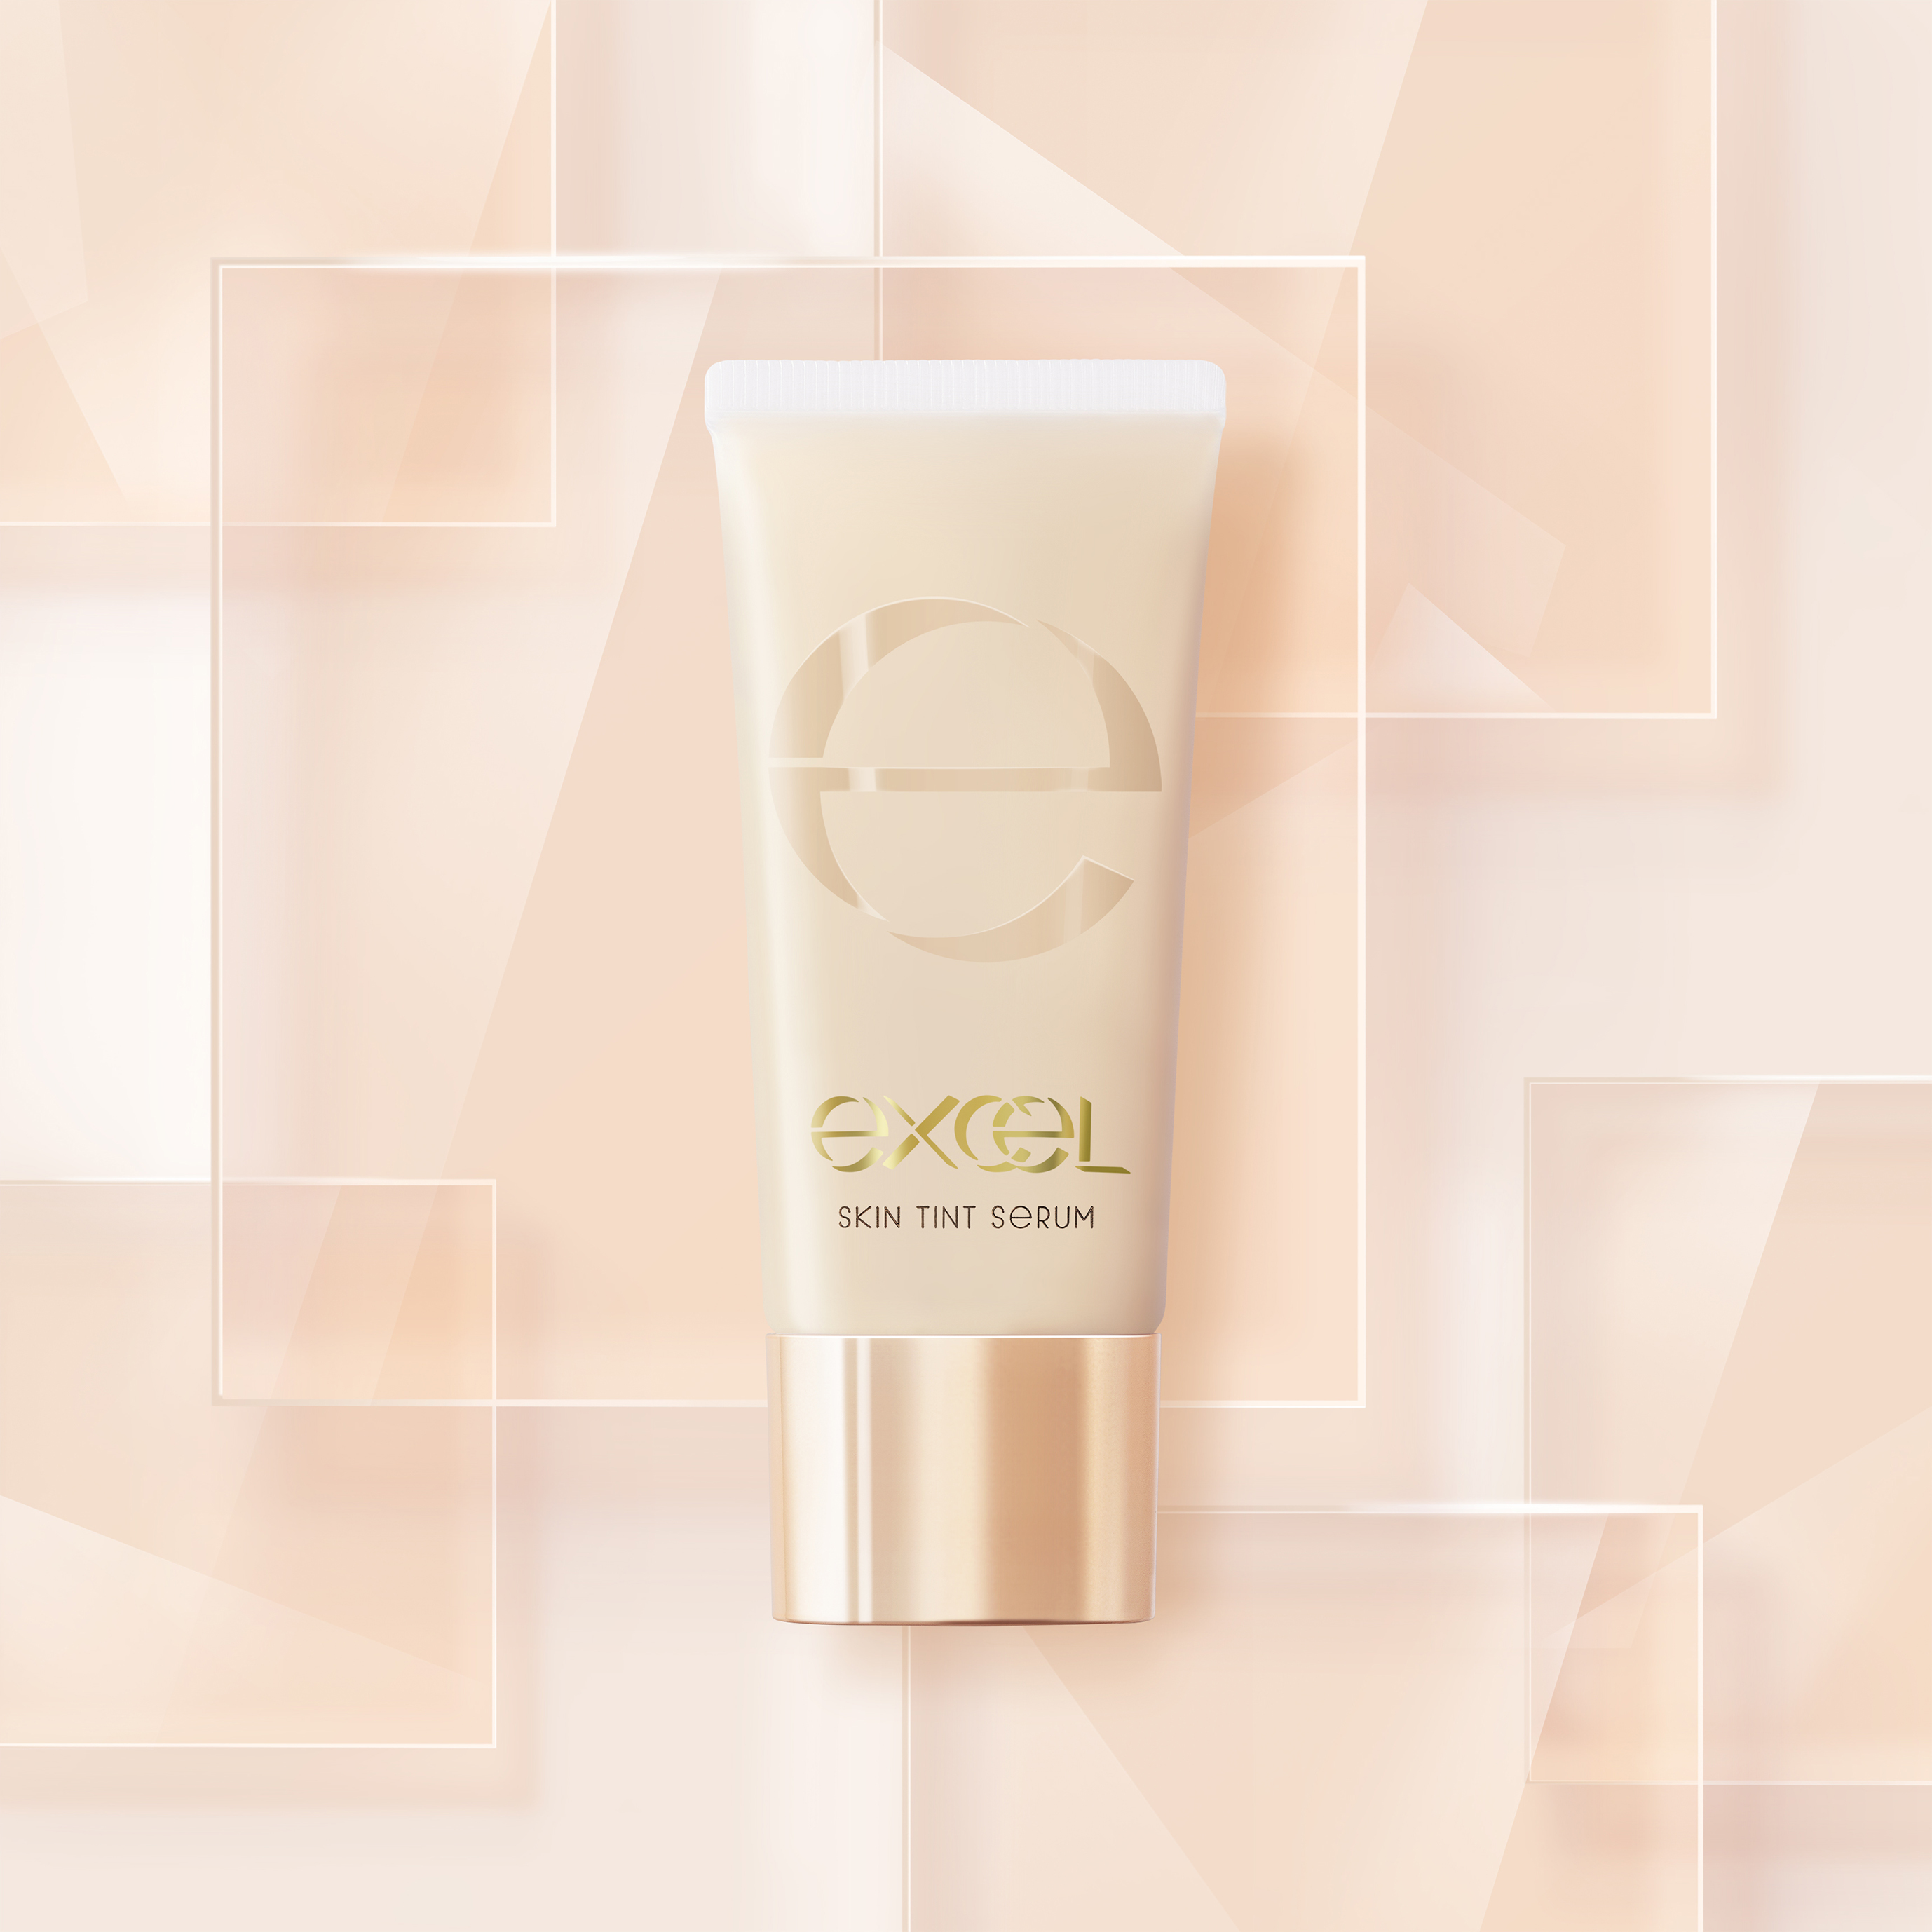 素肌をよりキレイに見せる美容液ファンデ!「エクセル」より新発売